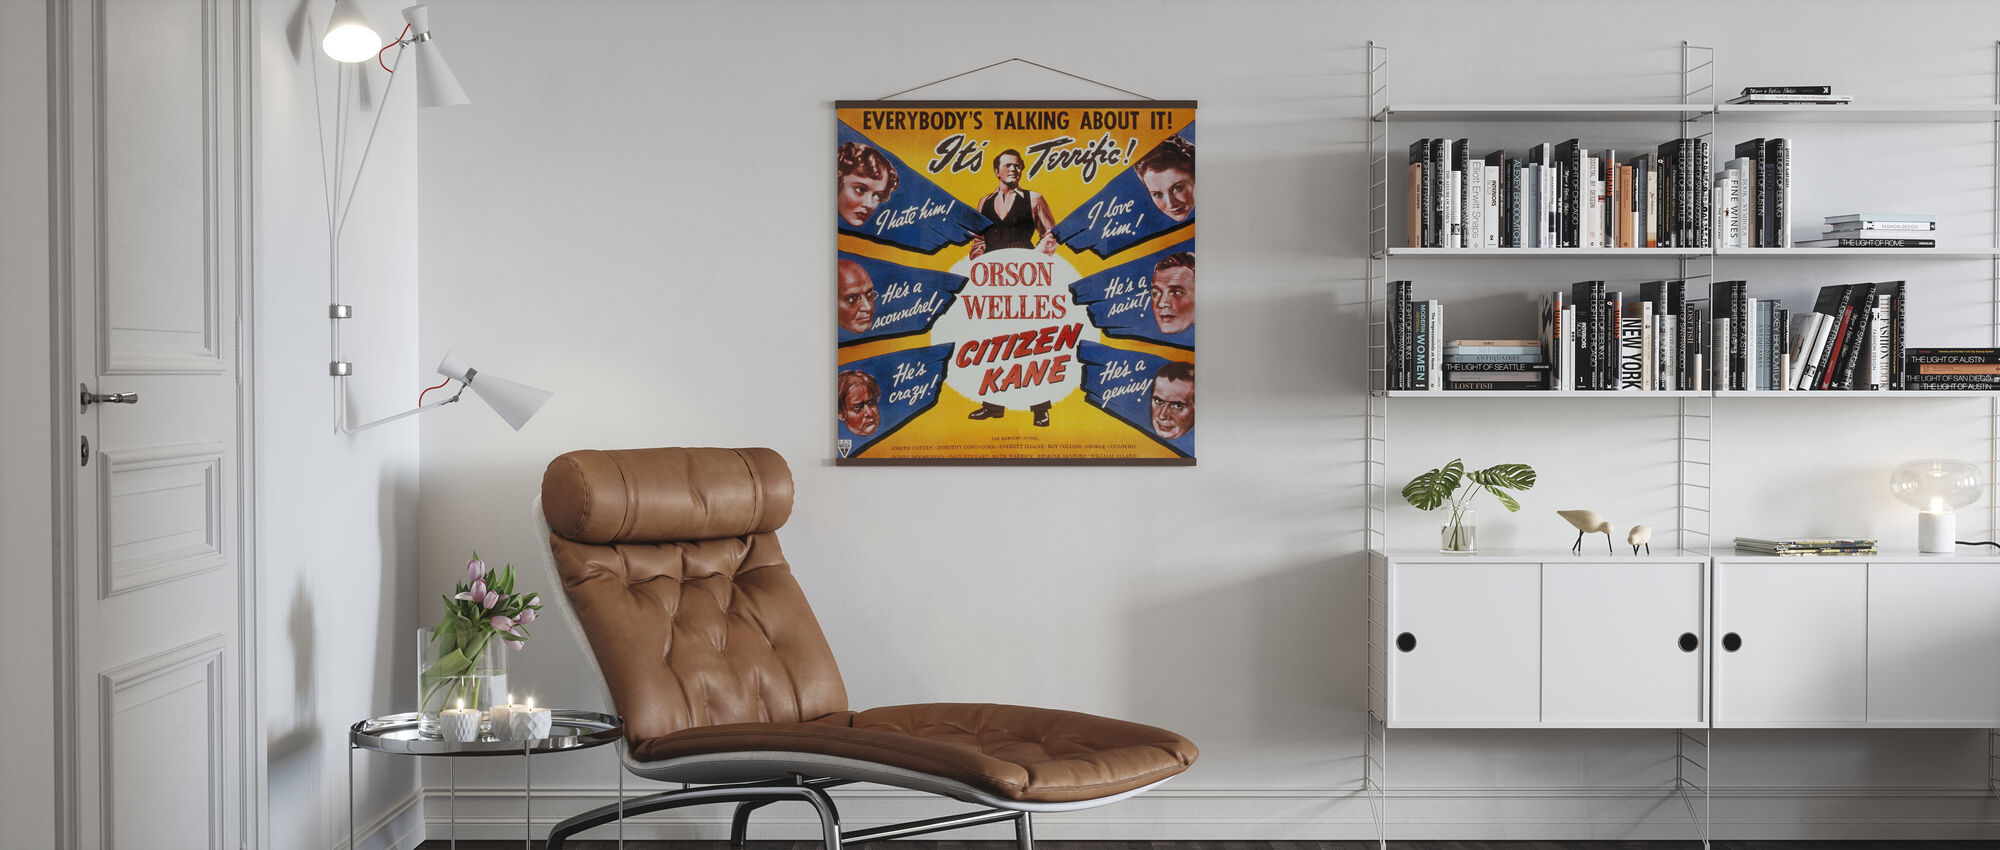 Citizen Kane - Poster - Living Room